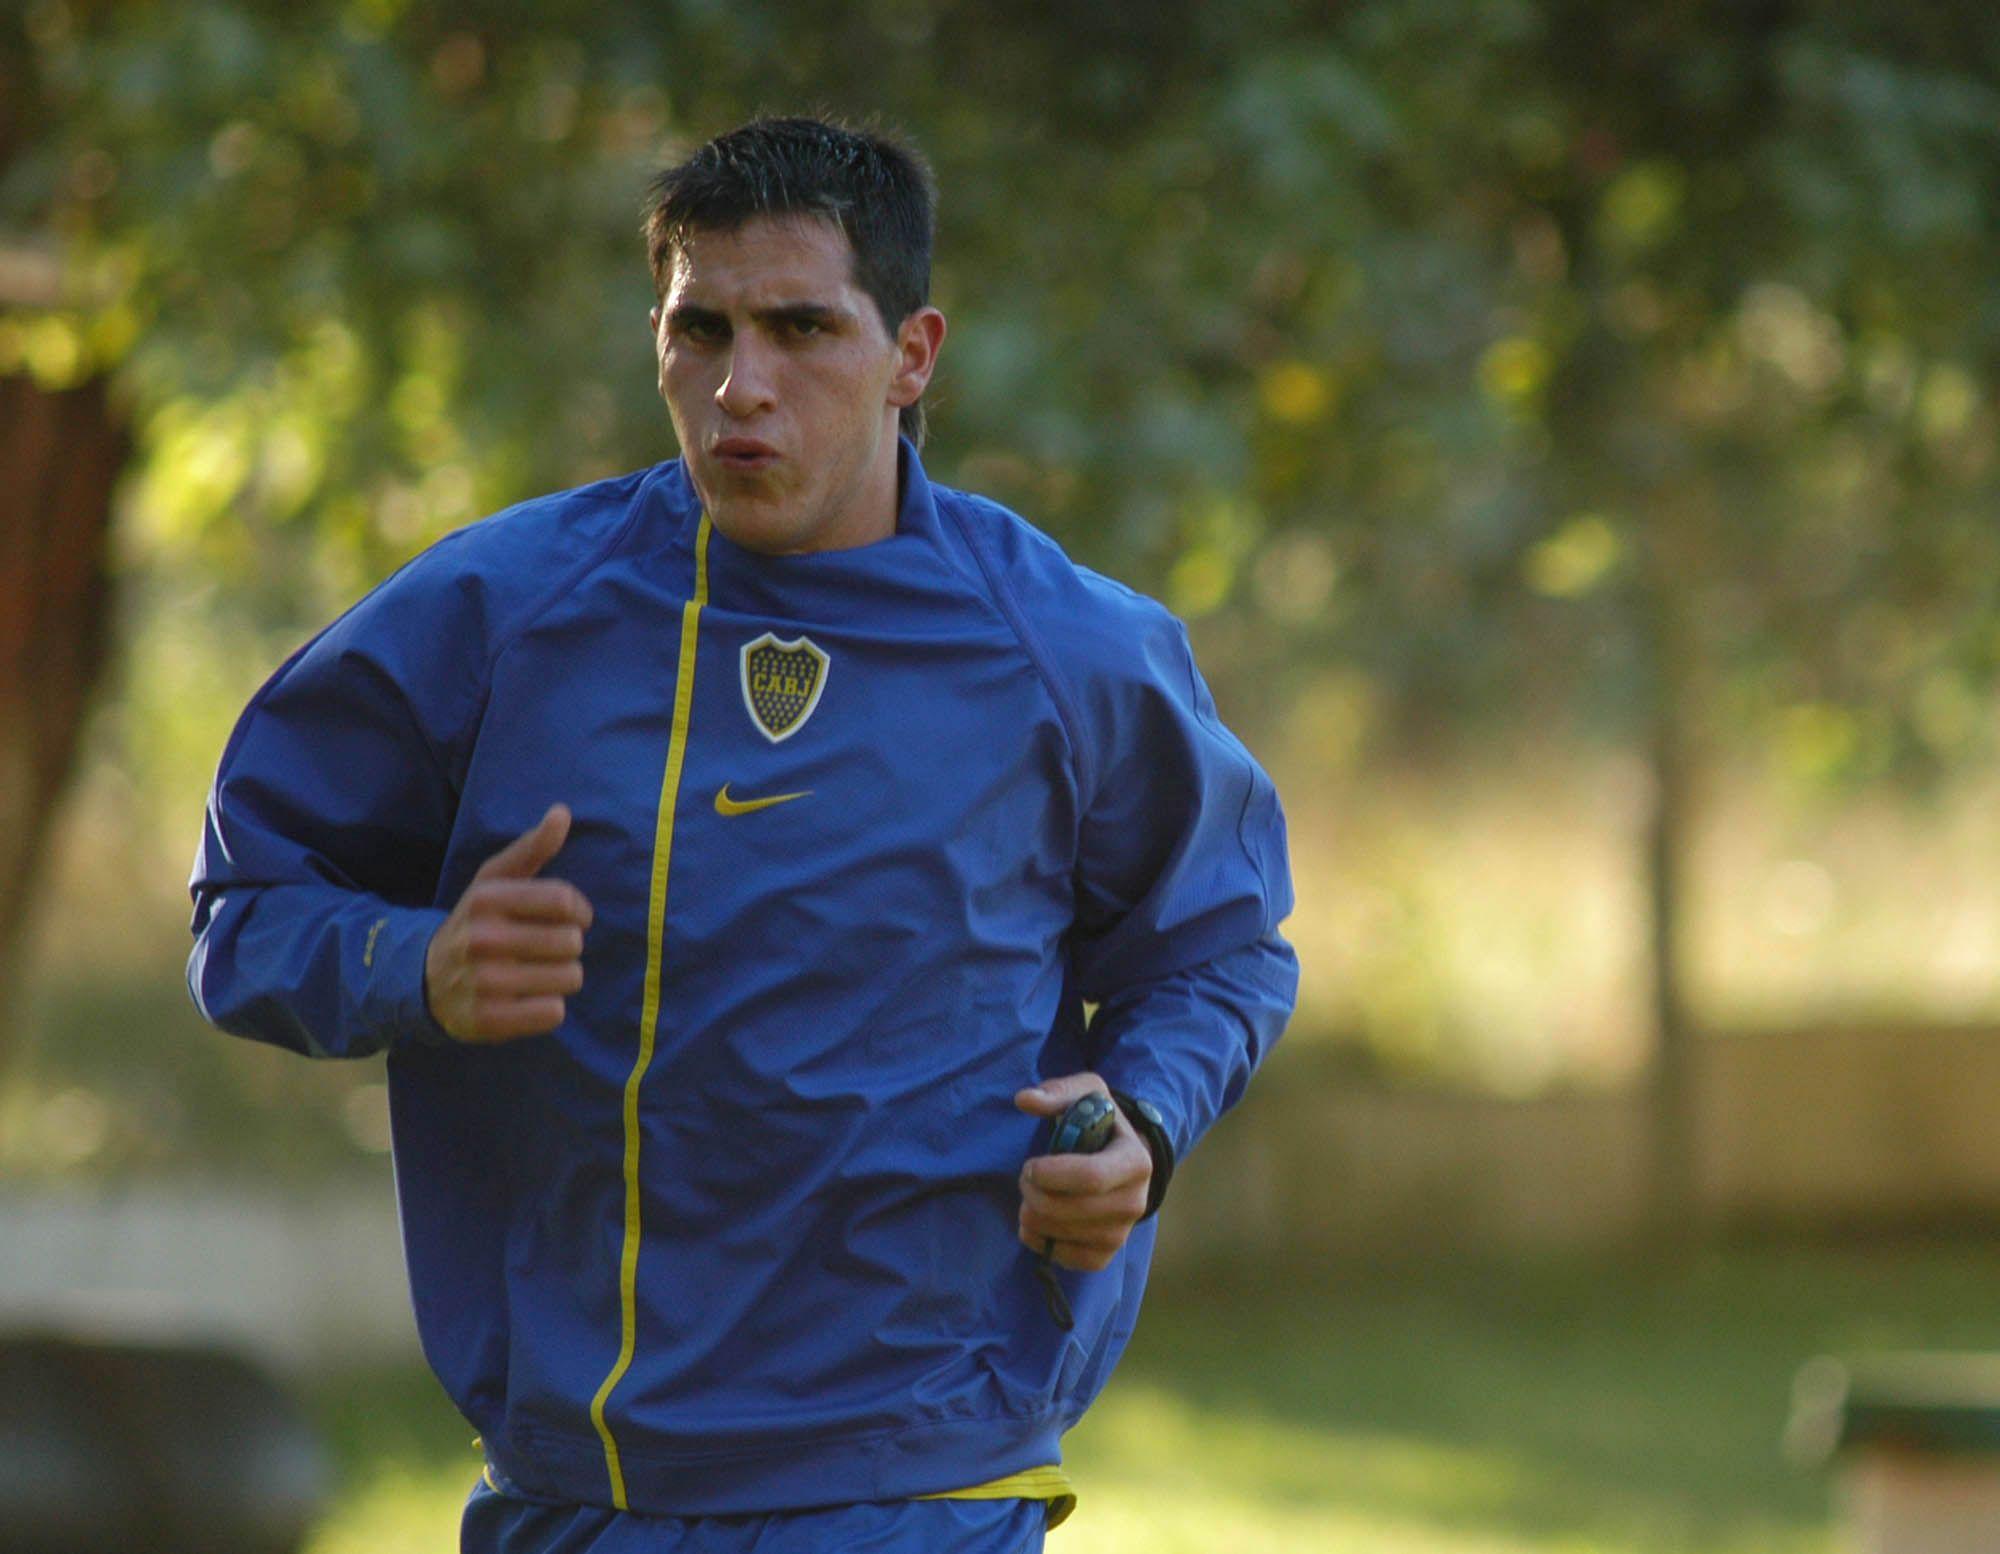 Pablo Migliore entrenado durante su paso por Boca